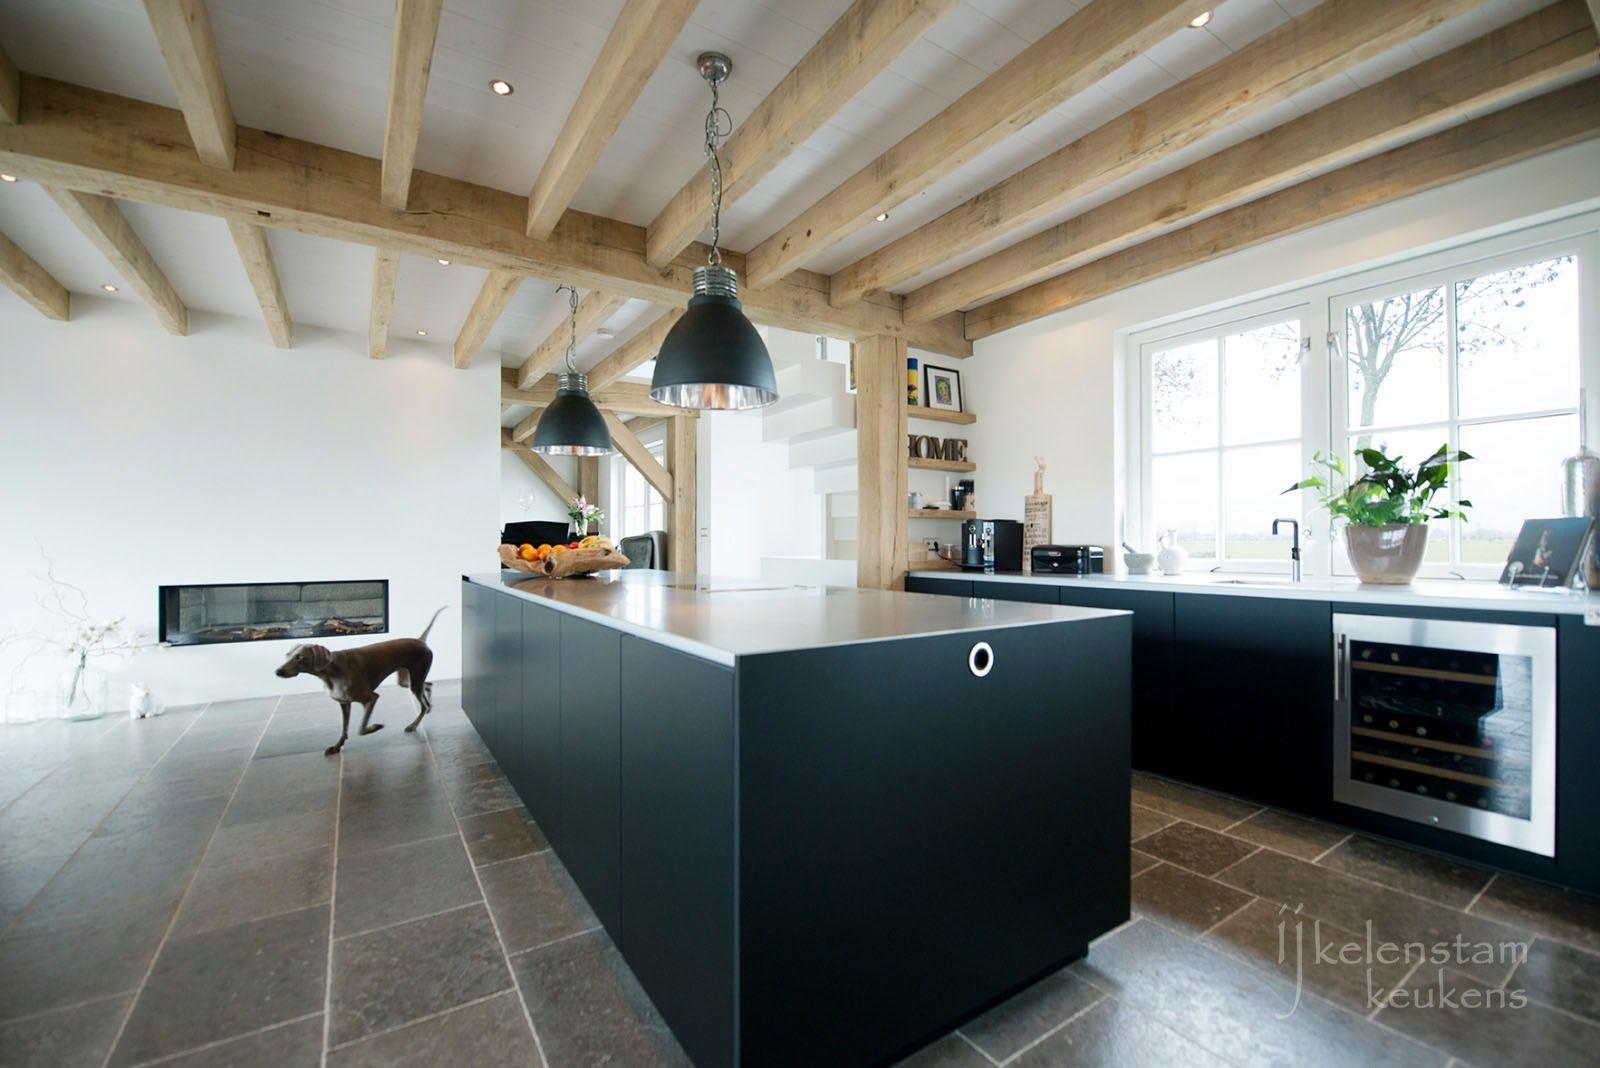 Poggenpohl kitchen ijkelenstam keukens black kitchen wooden